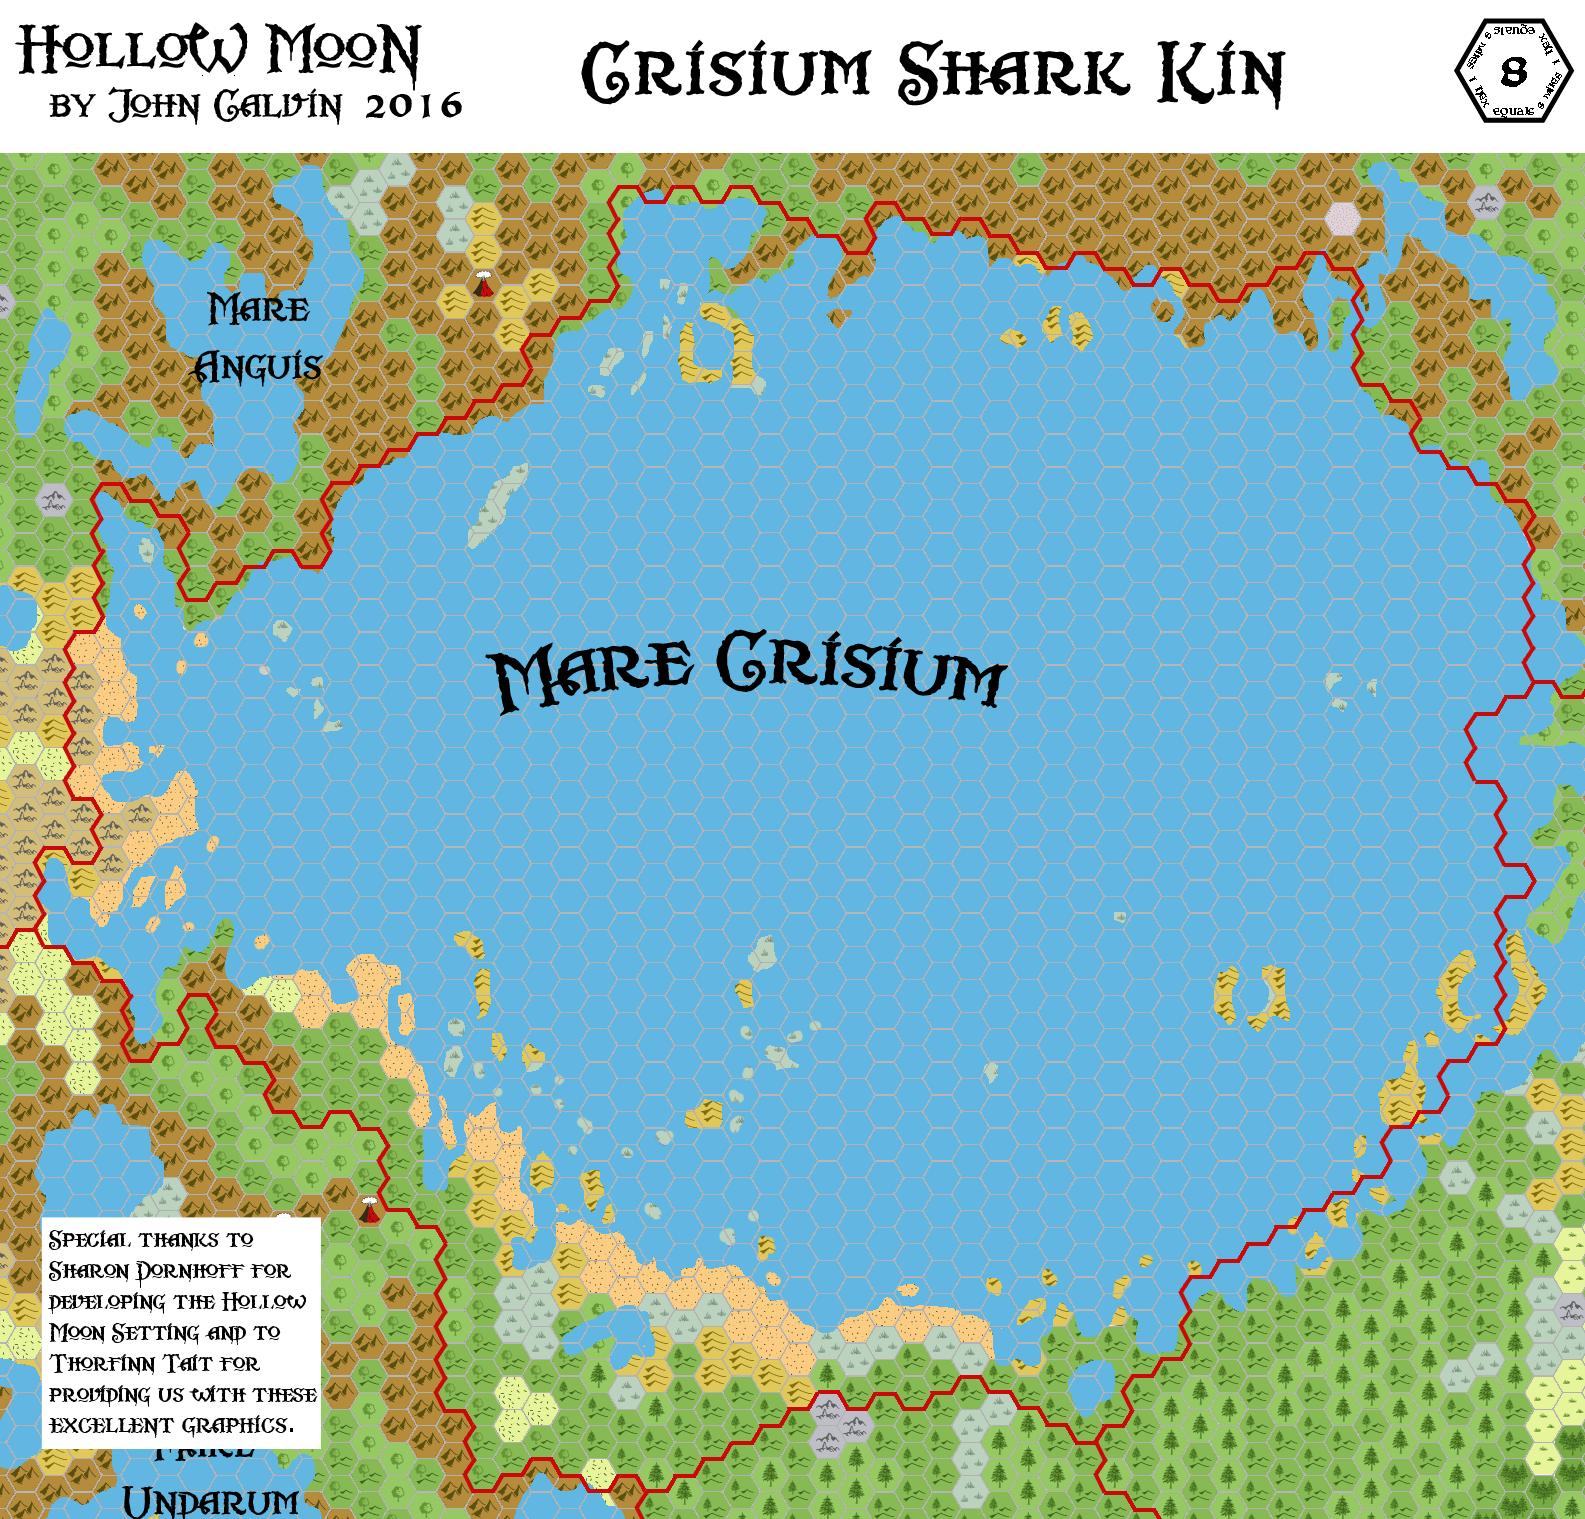 Crisium Shark-kin, 8 miles per hex